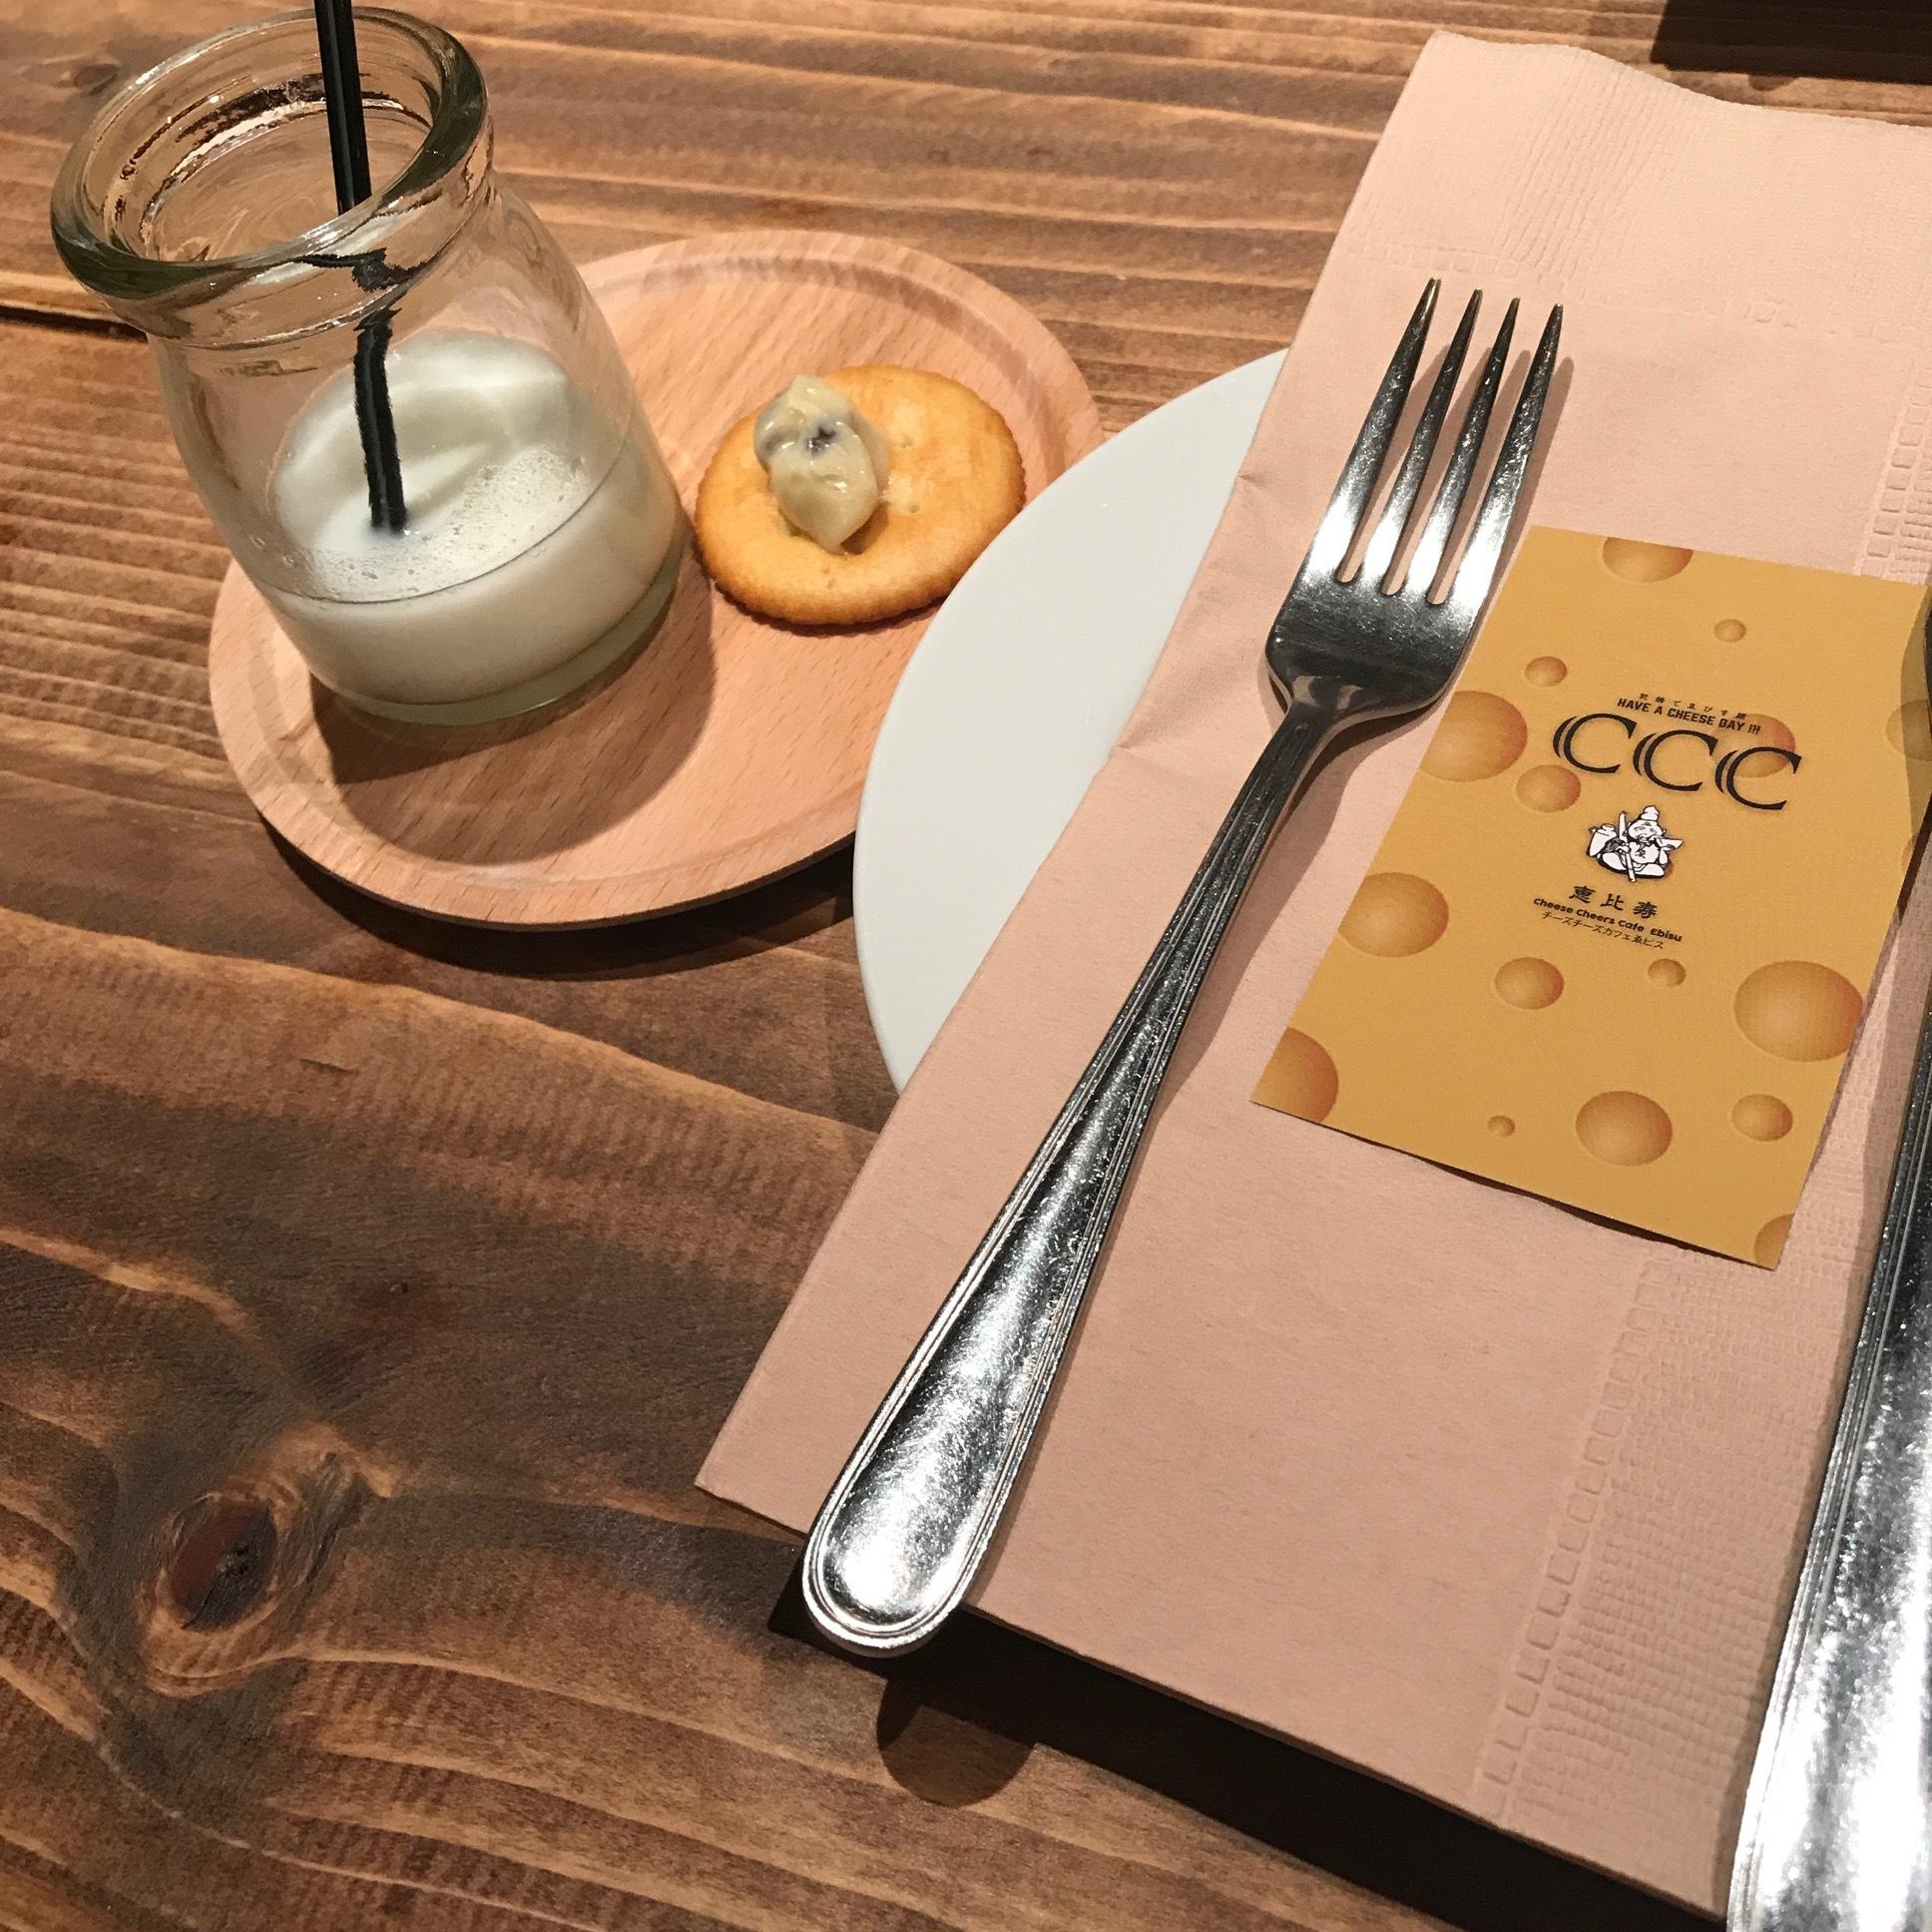 【恵比寿】お洒落なチーズ専門店《CCC》_1_1-1